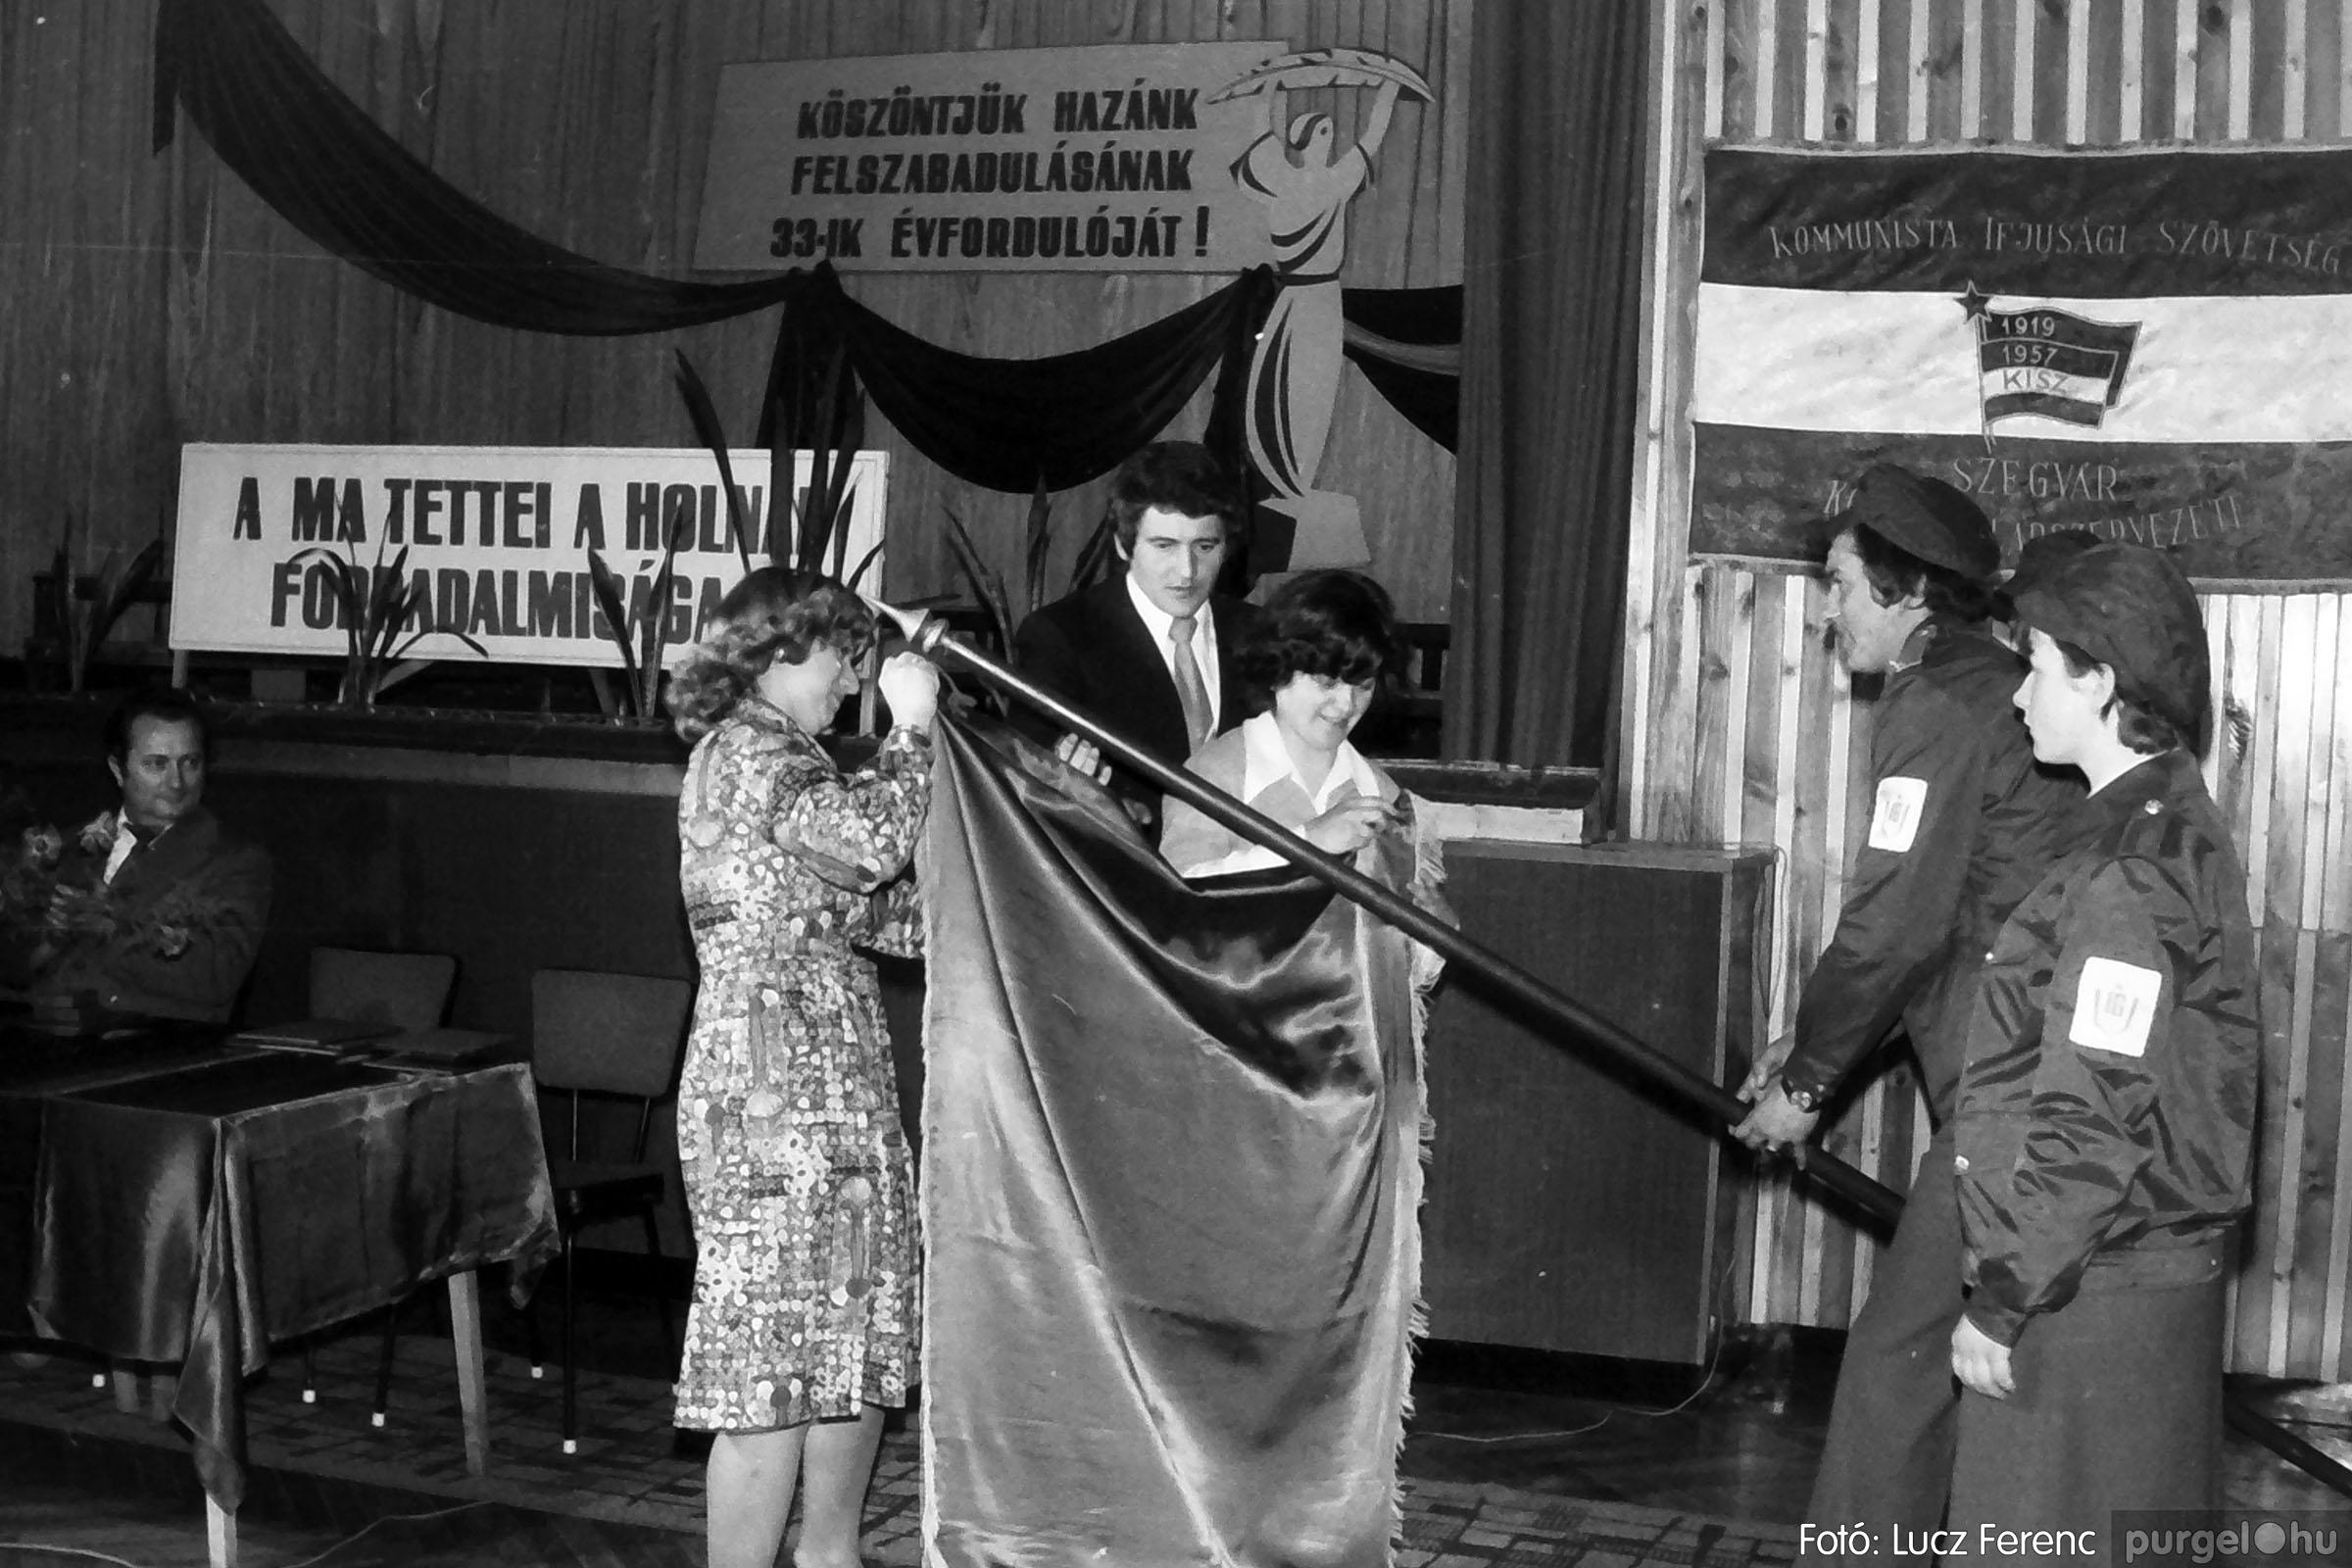 109. 1978. Április 4-i ünnepségek 027. - Fotó: Lucz Ferenc.jpg